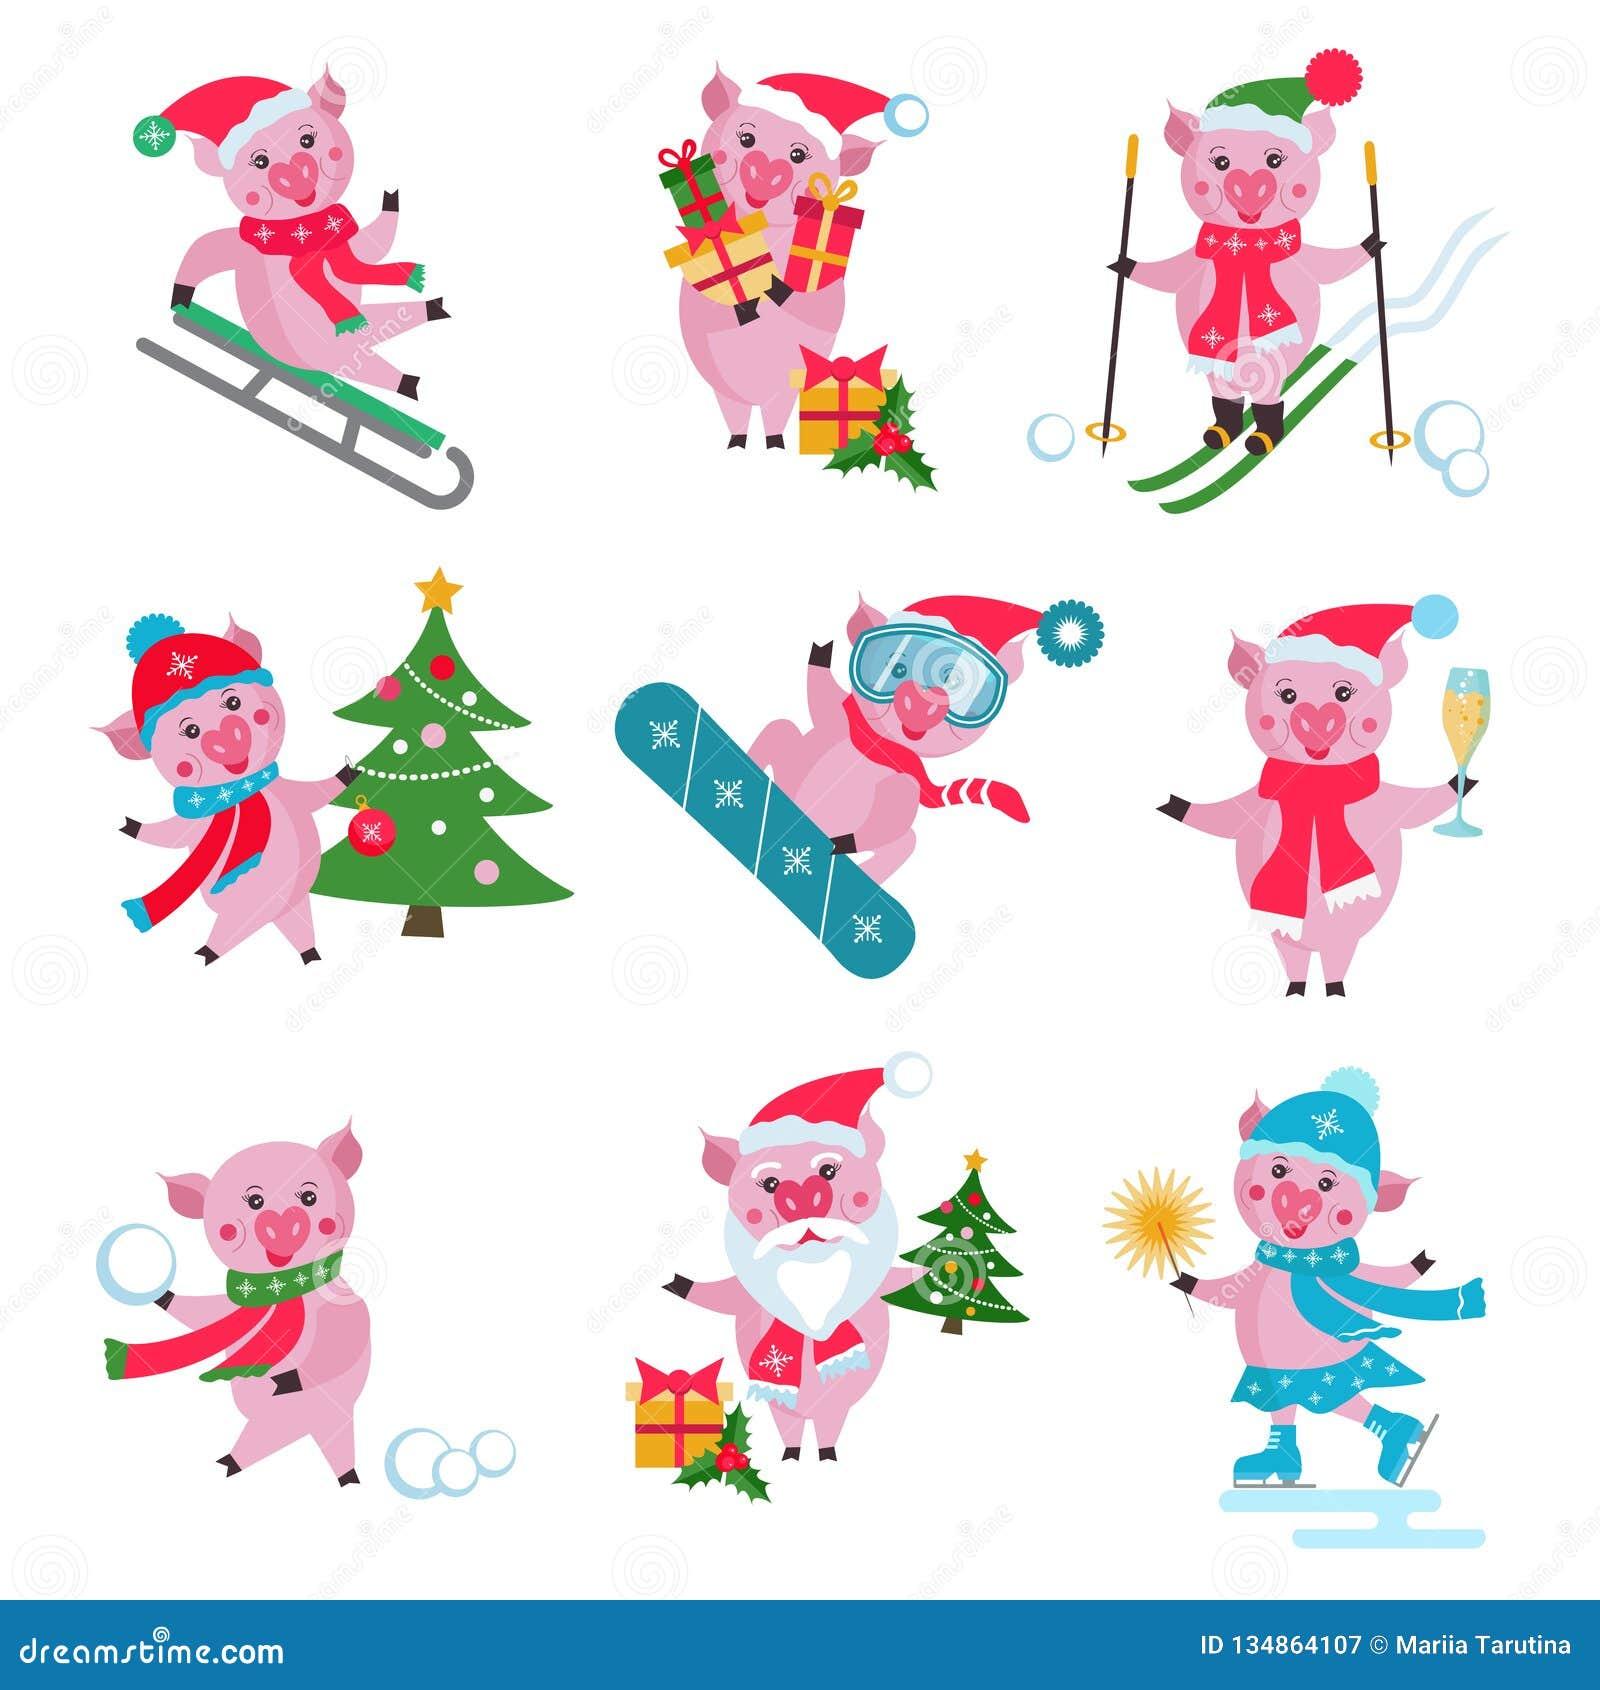 Вектор установил плоской свиньи рождества в различных ситуациях - едущ на скелетоне, снесите подарочную коробку, ехать сноуборд,